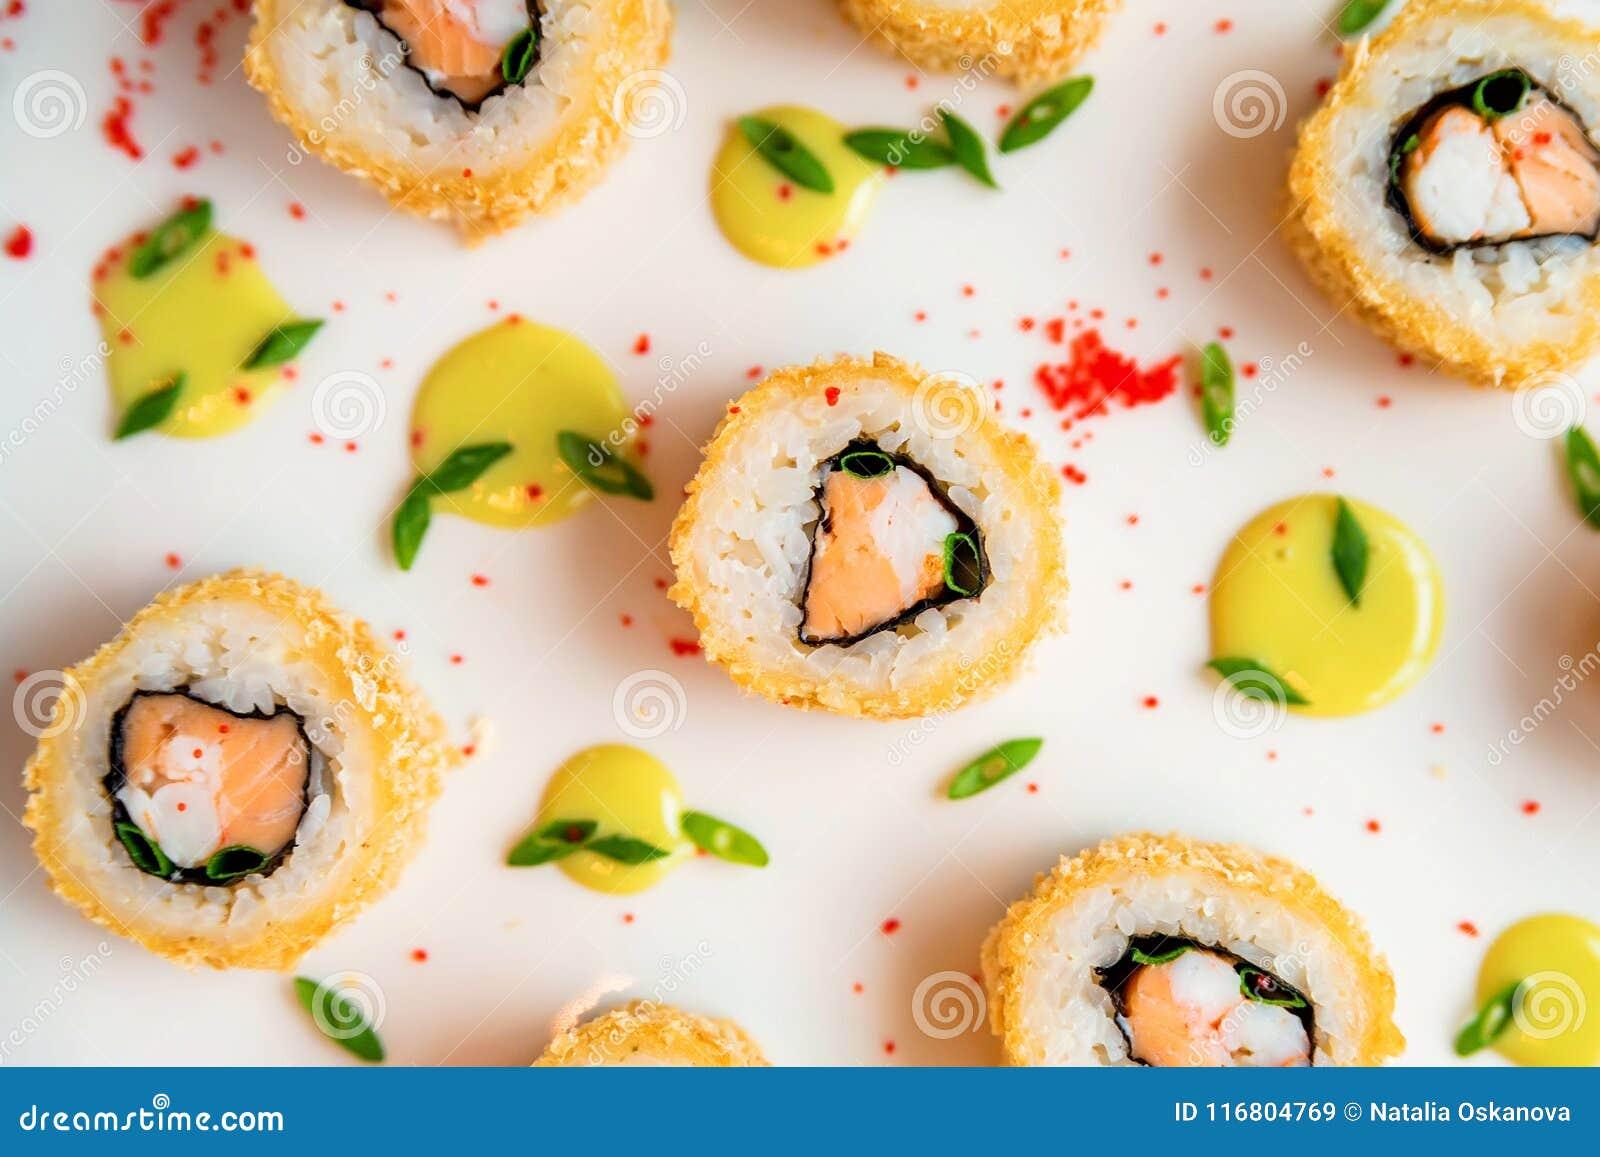 Rotoli di sushi sparsi su fondo bianco